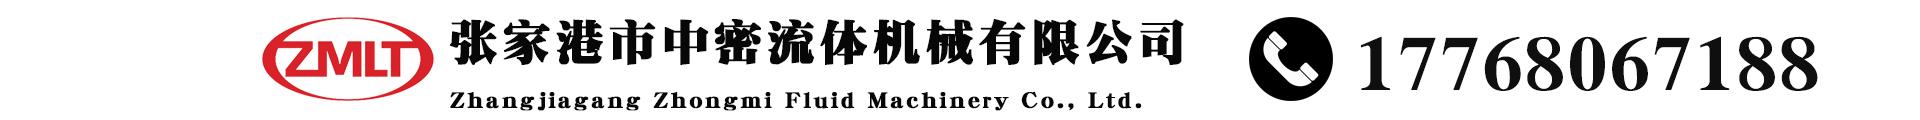 張家港市中密流體機械有限公司